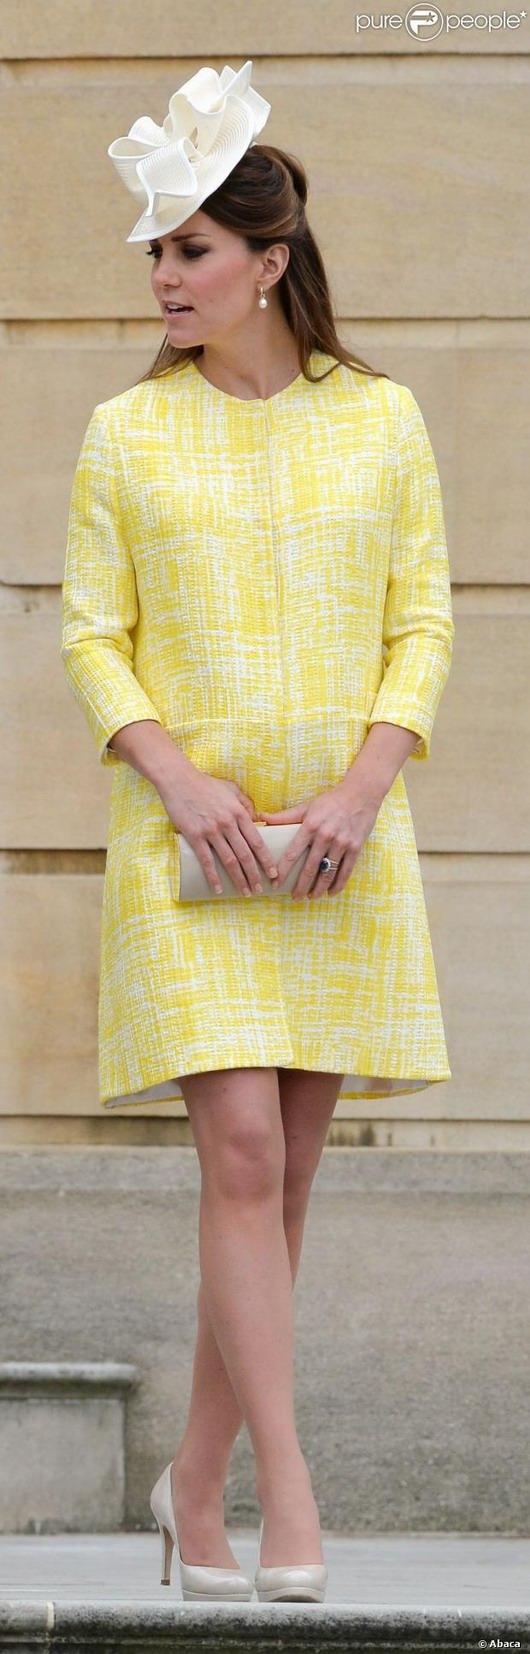 Kate Middleton est enceinte de 7 mois et sa tenue jaune